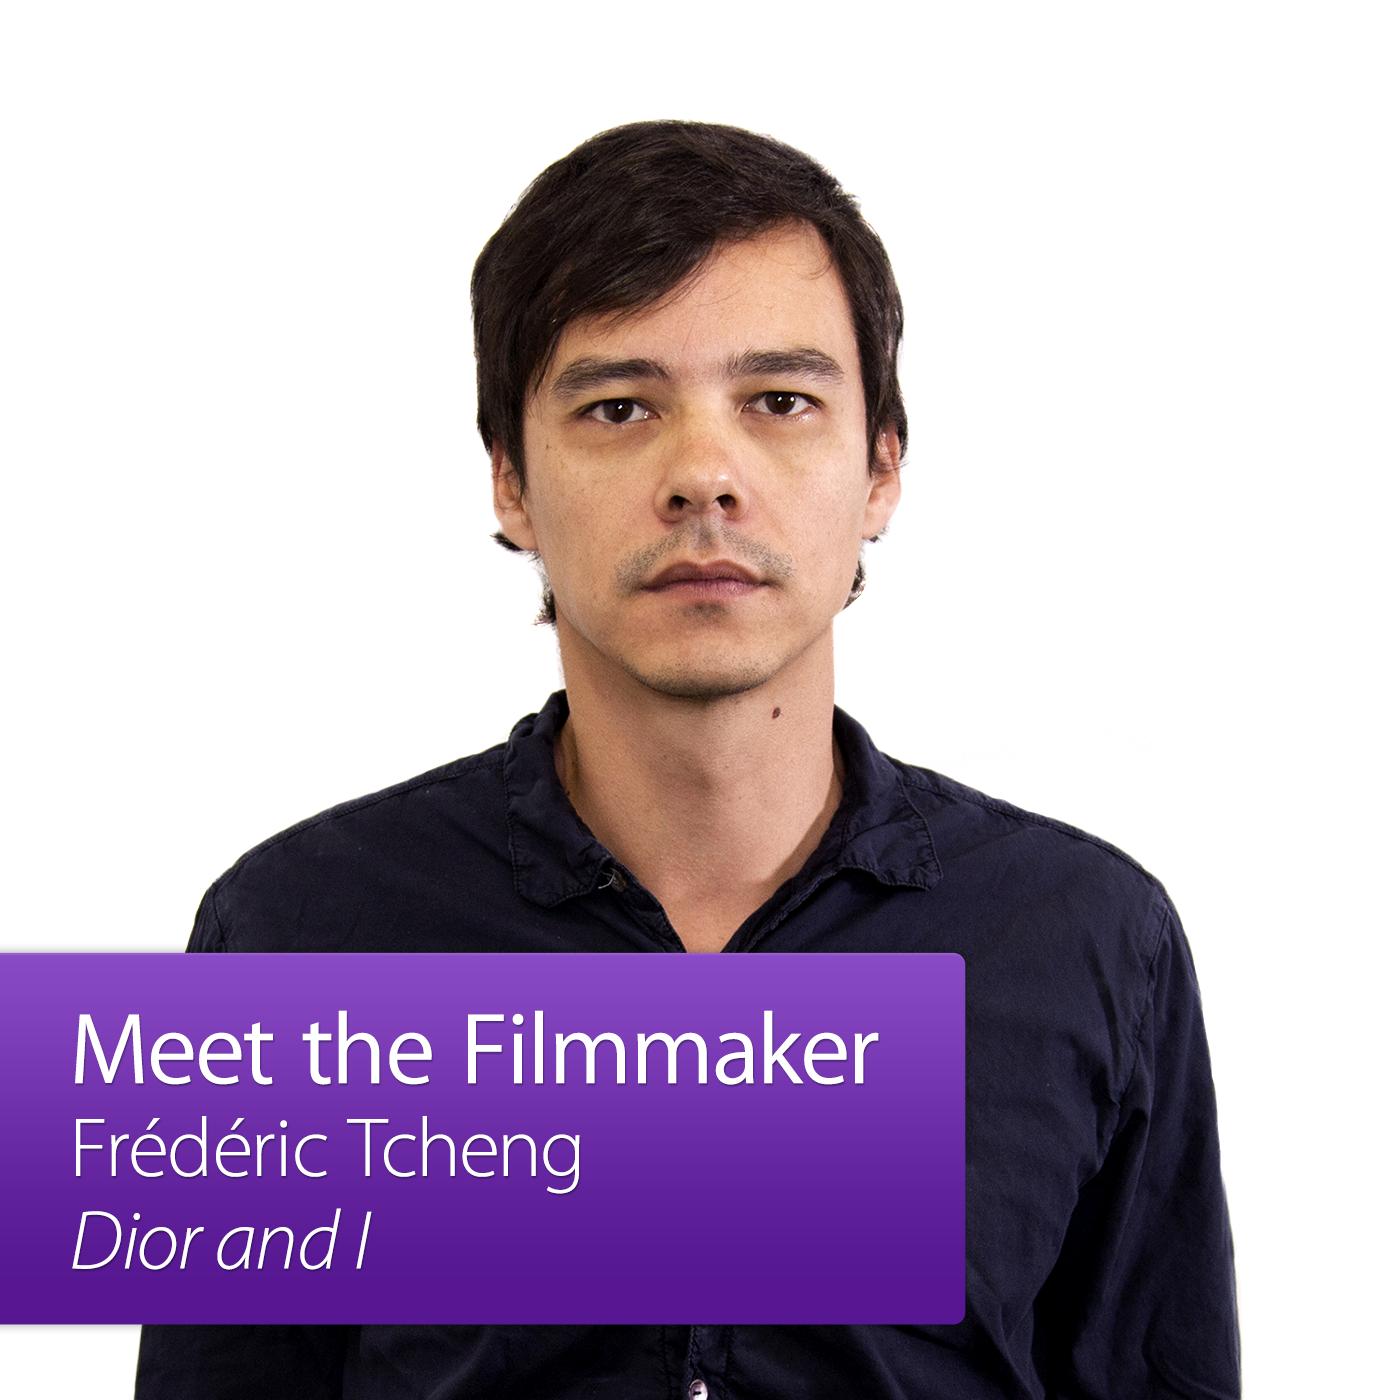 Frédéric Tcheng: Meet the Filmmaker